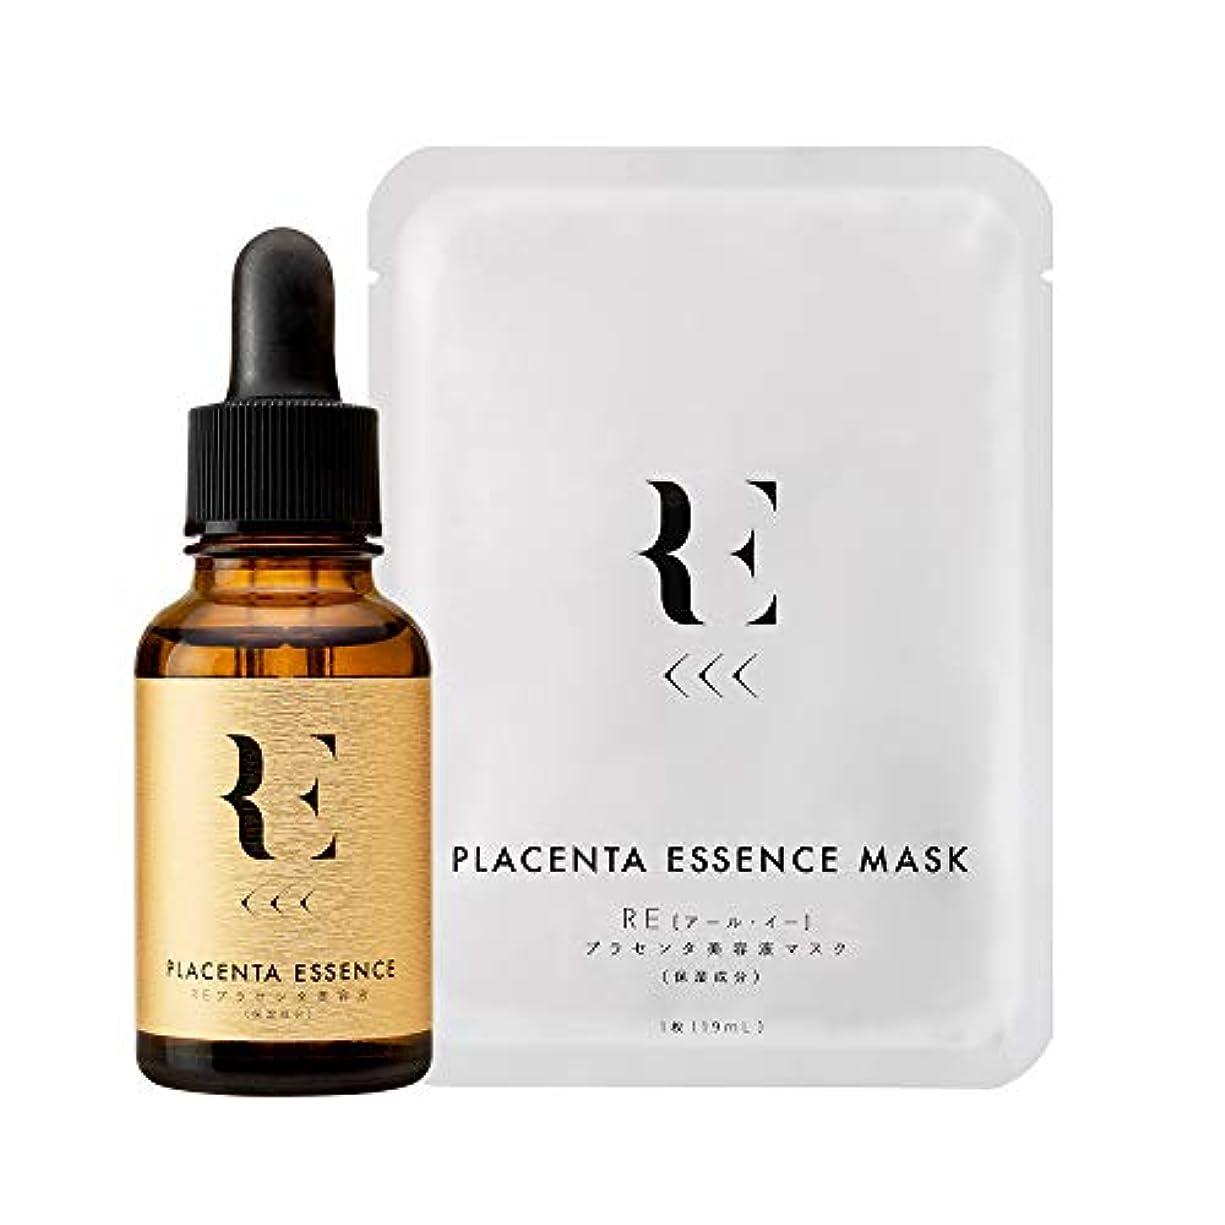 貨物円周九RE プラセンタ 美容液 美容液マスク セット エイジングケア ヒト型幹細胞培養液